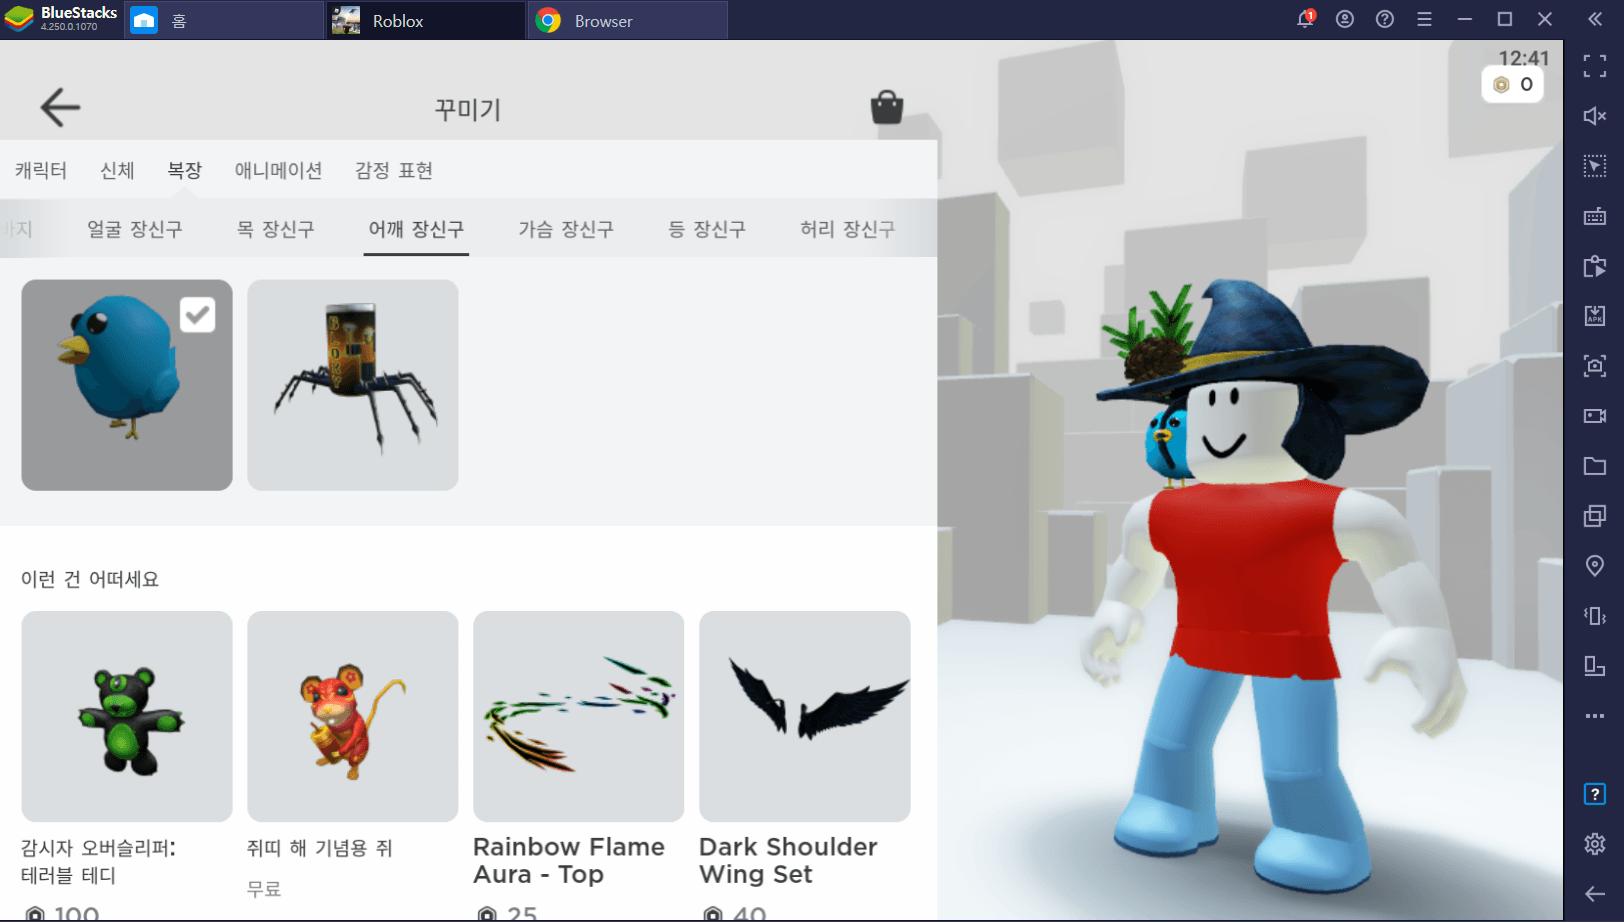 무료로 아이템을 얻을 수 있는 로블록스 프로모코드, 사용방법을 알아보고 PC에서 사용해봐요!